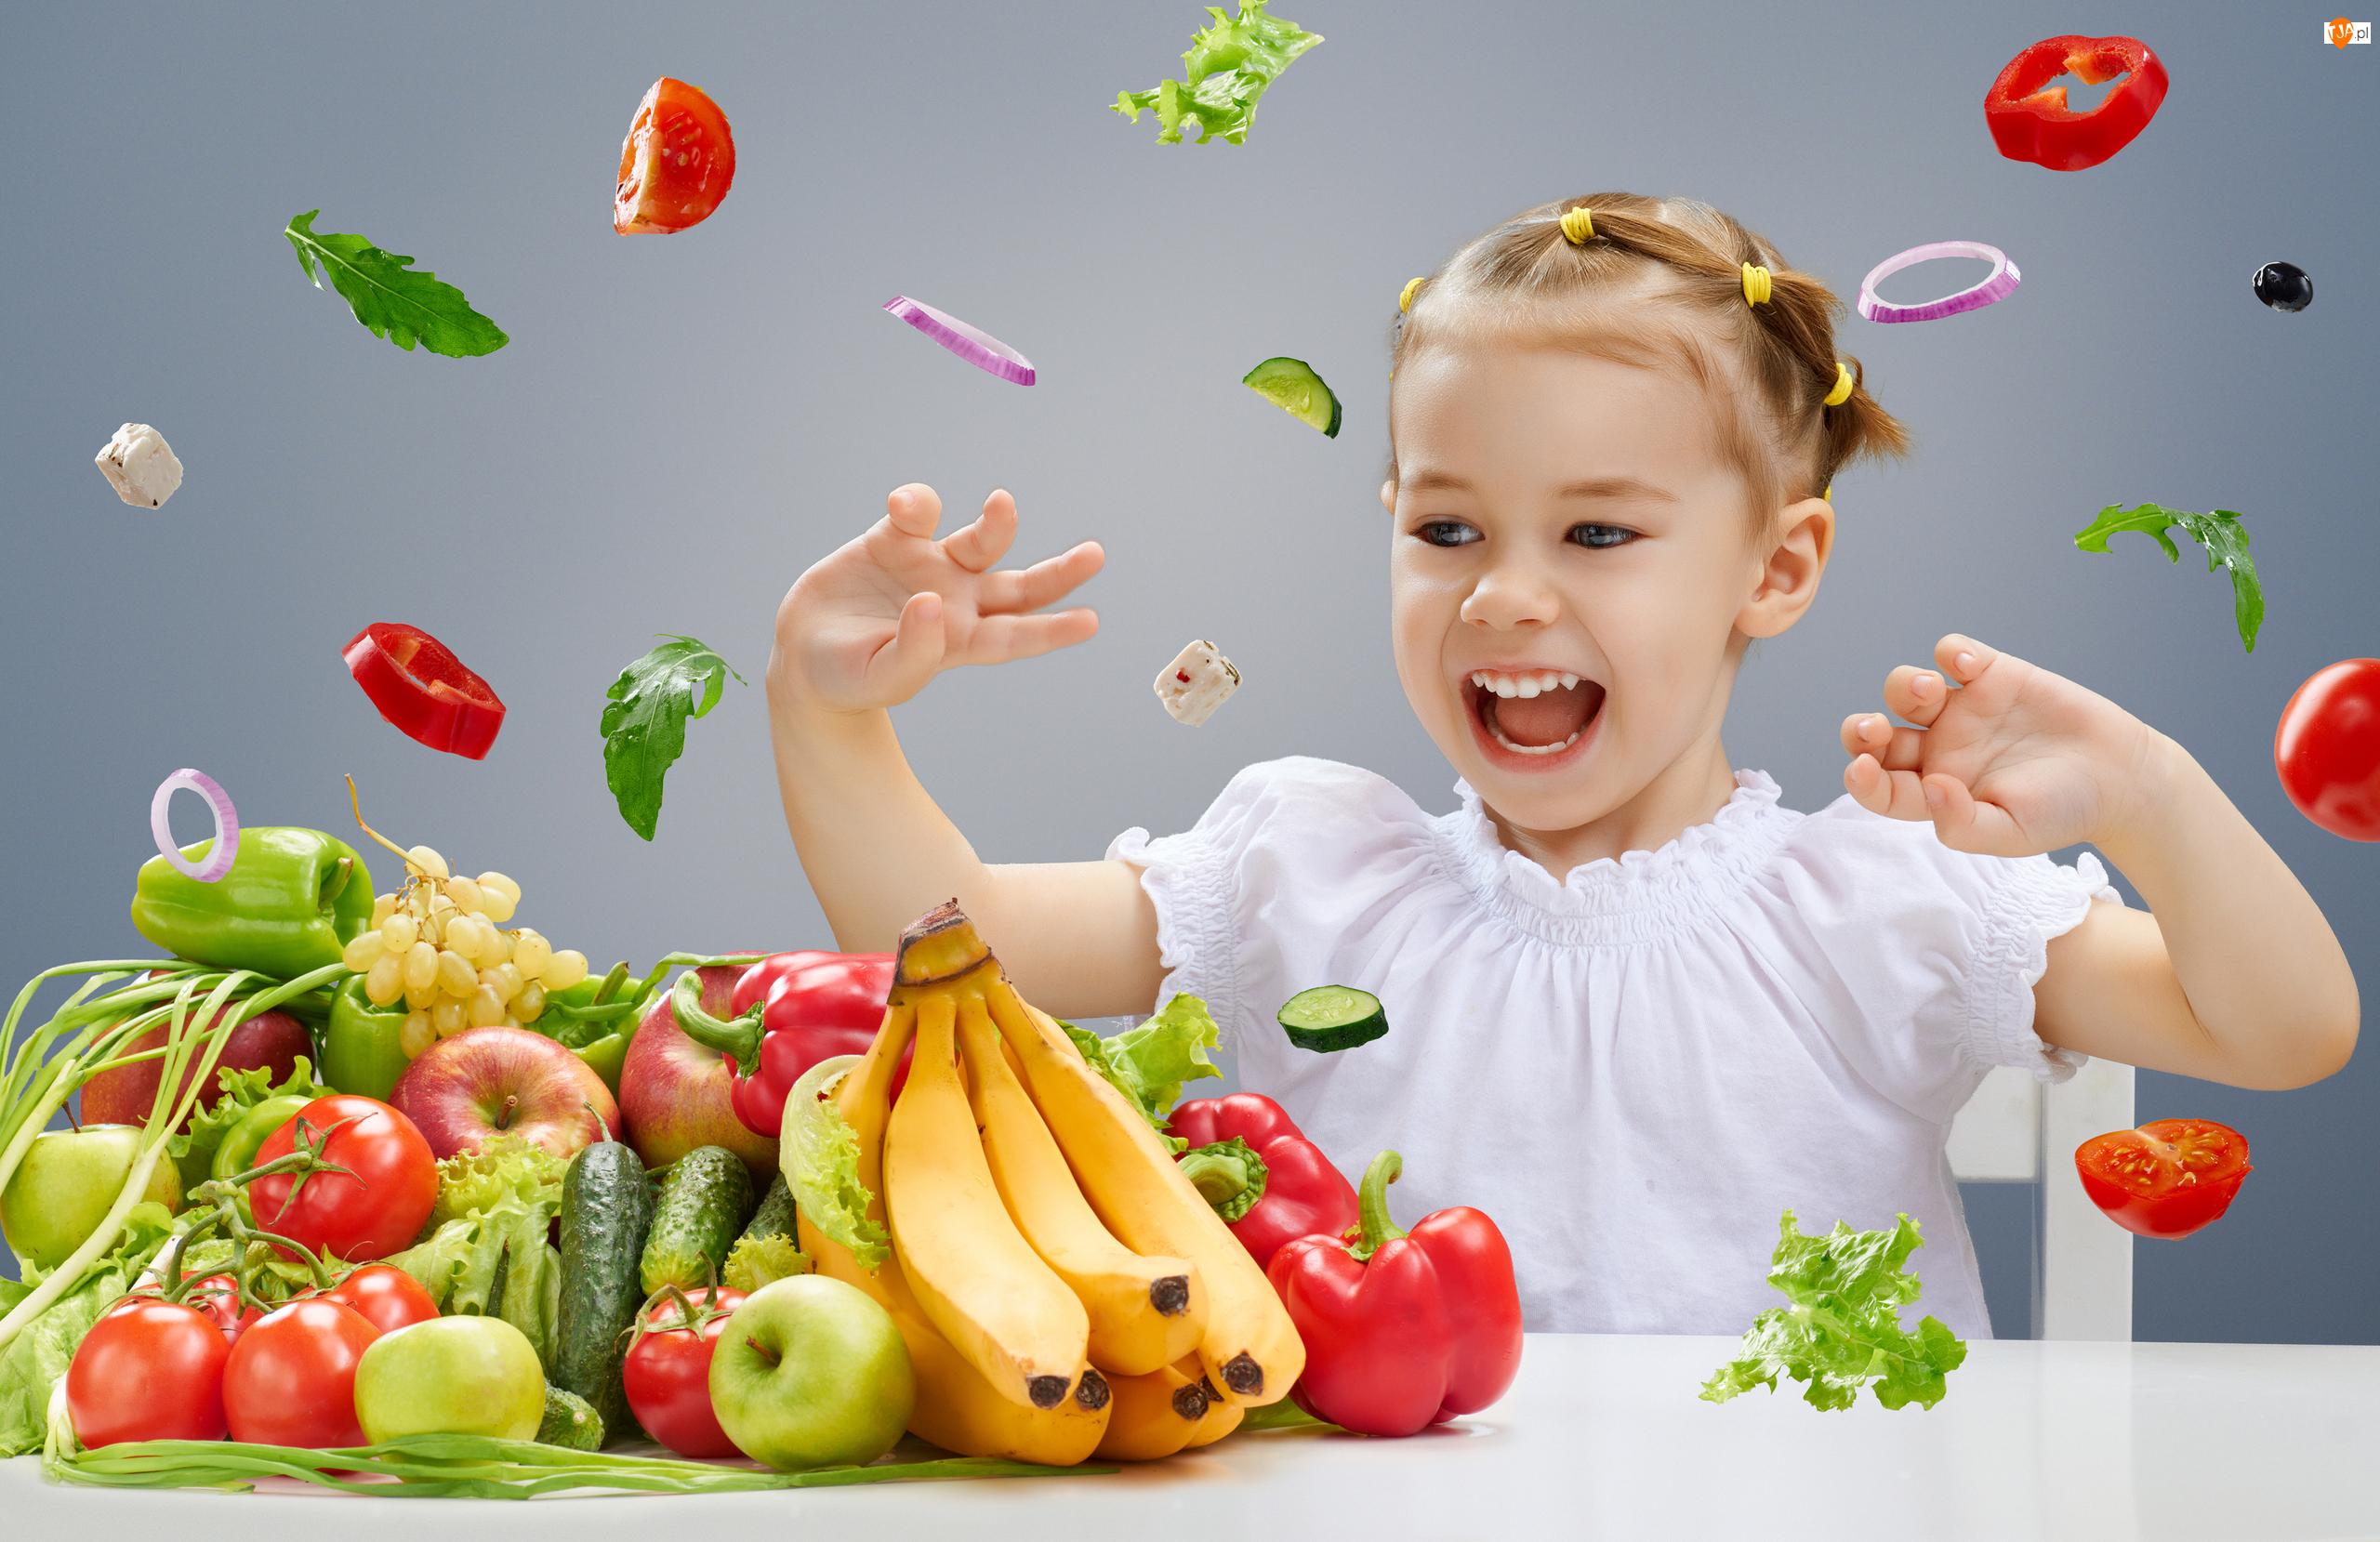 Owoce, Dziecko, Krzesło, Warzywa, Stół, Uśmiech, Dziewczynka